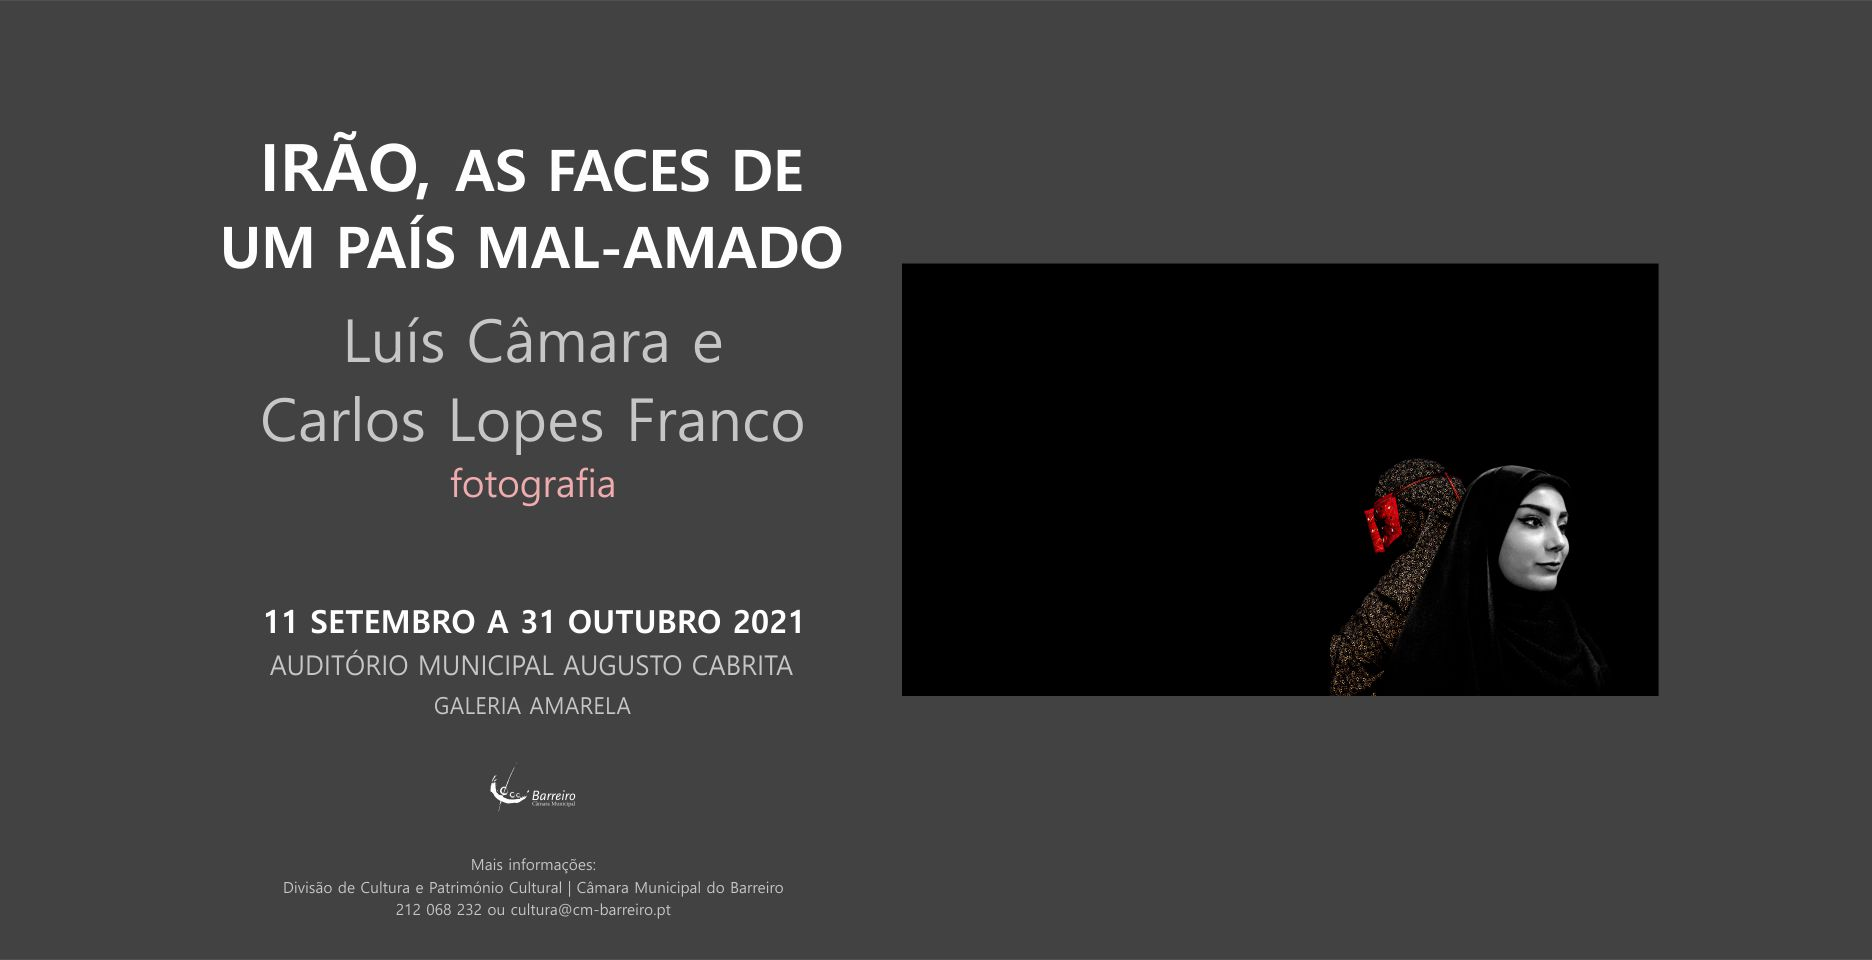 IRÃO, AS FACES DE UM PAÍS MALAMADO   Exposição de fotografia de Luís Câmara e Carlos Lopes Franco